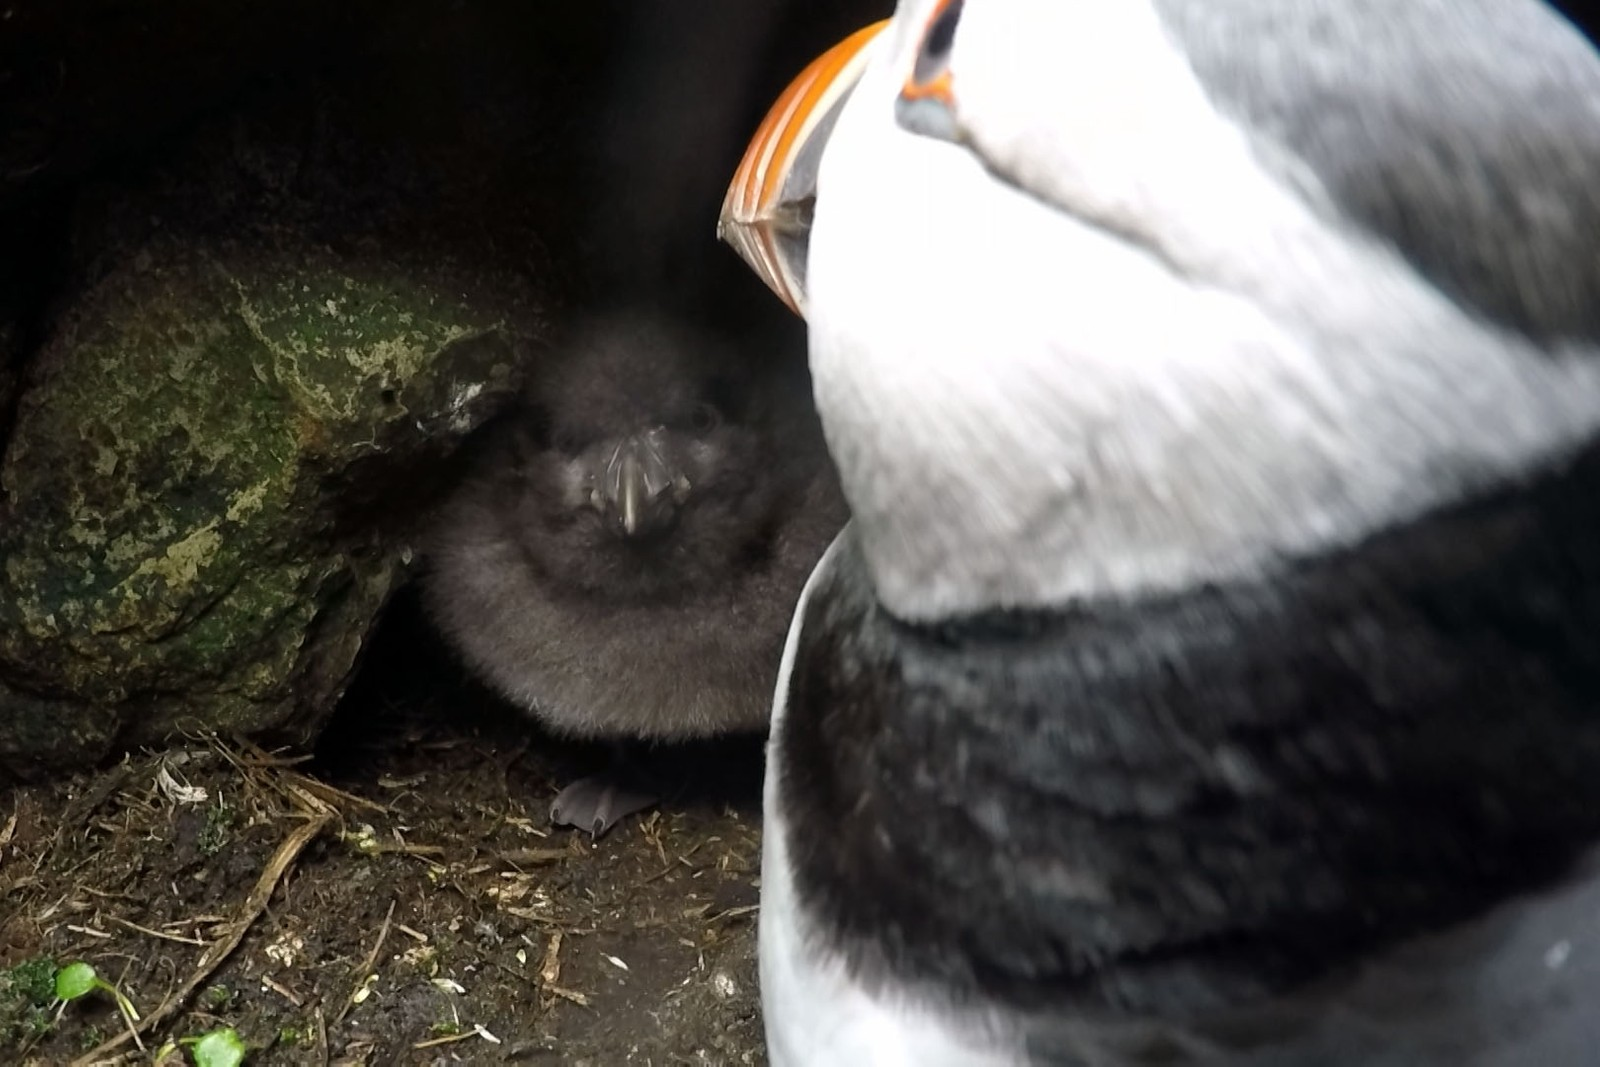 Ikke blant de teknisk beste bildene, men likevel et blinkskudd. NRK har for første gang vist bilder fra innsiden av en lundehule. Bilder som forskere og andre aldri tidligere har sett.